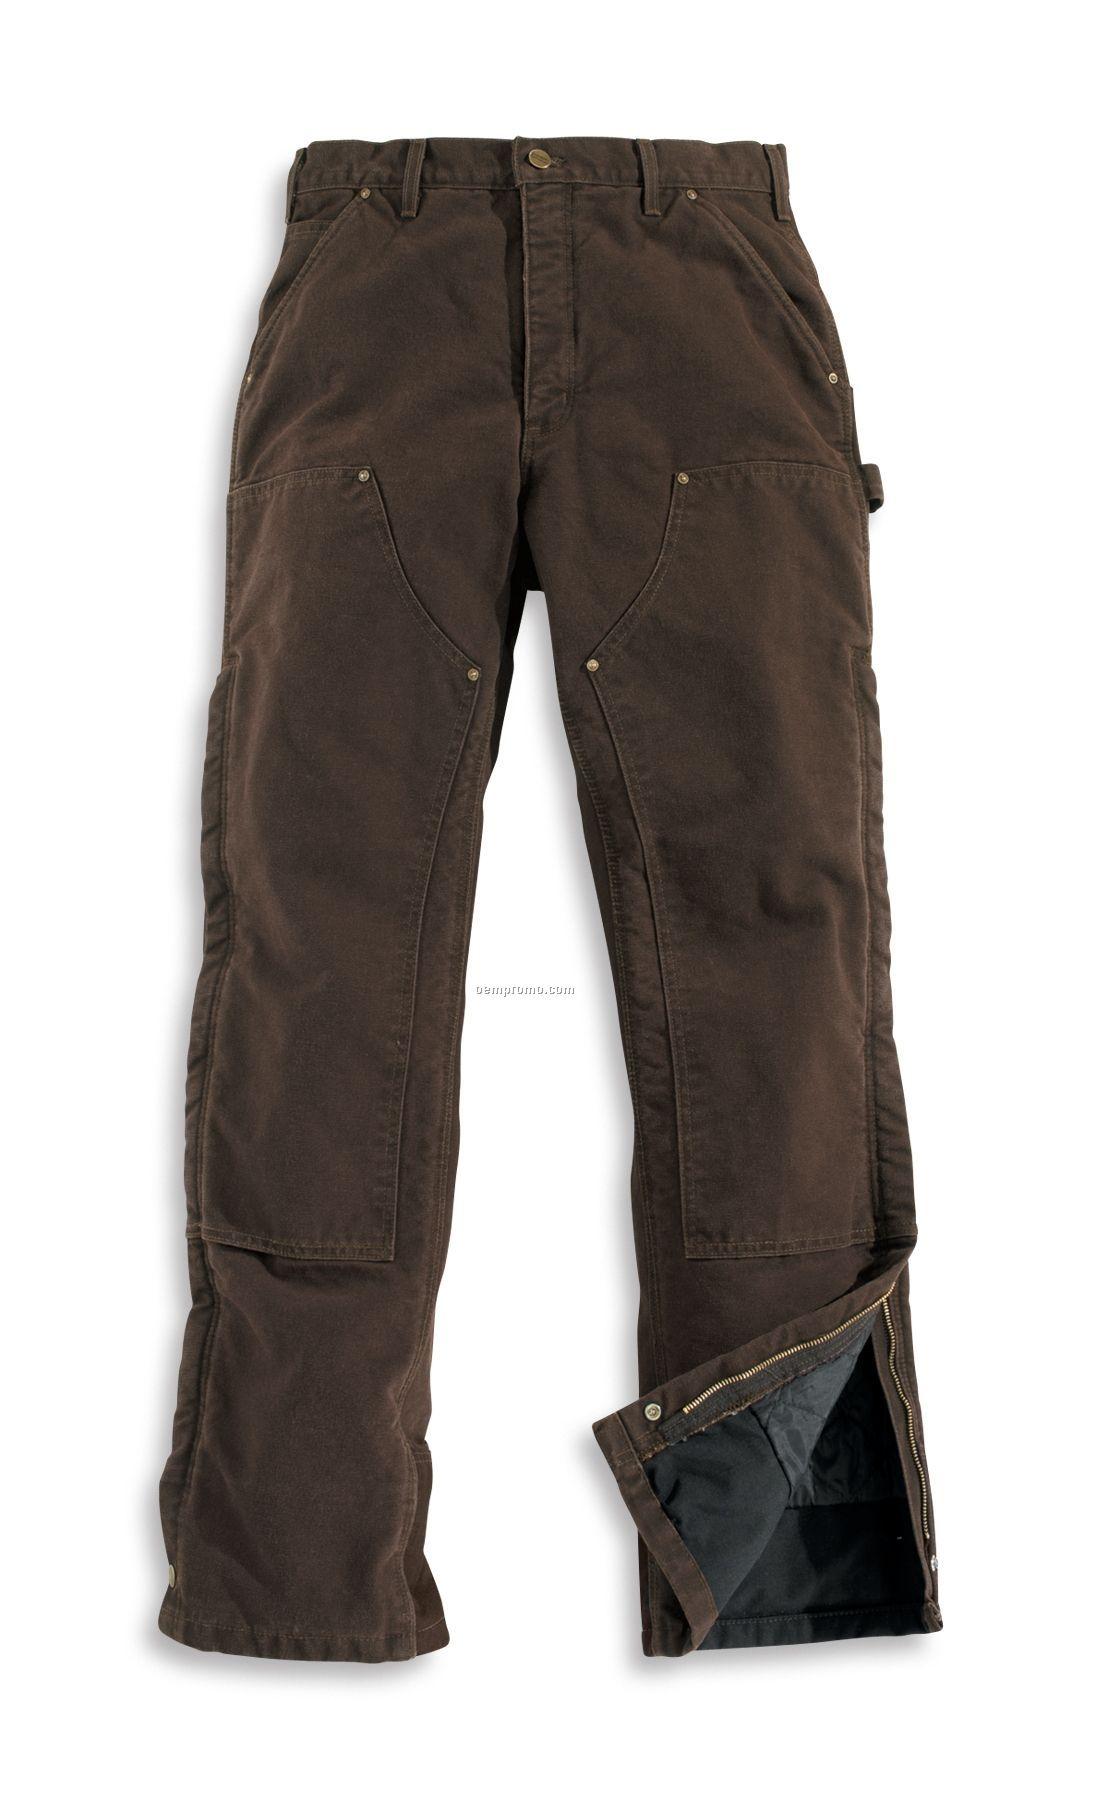 Carhartt Men's Sandstone Waist Overalls/ Quilt Lined